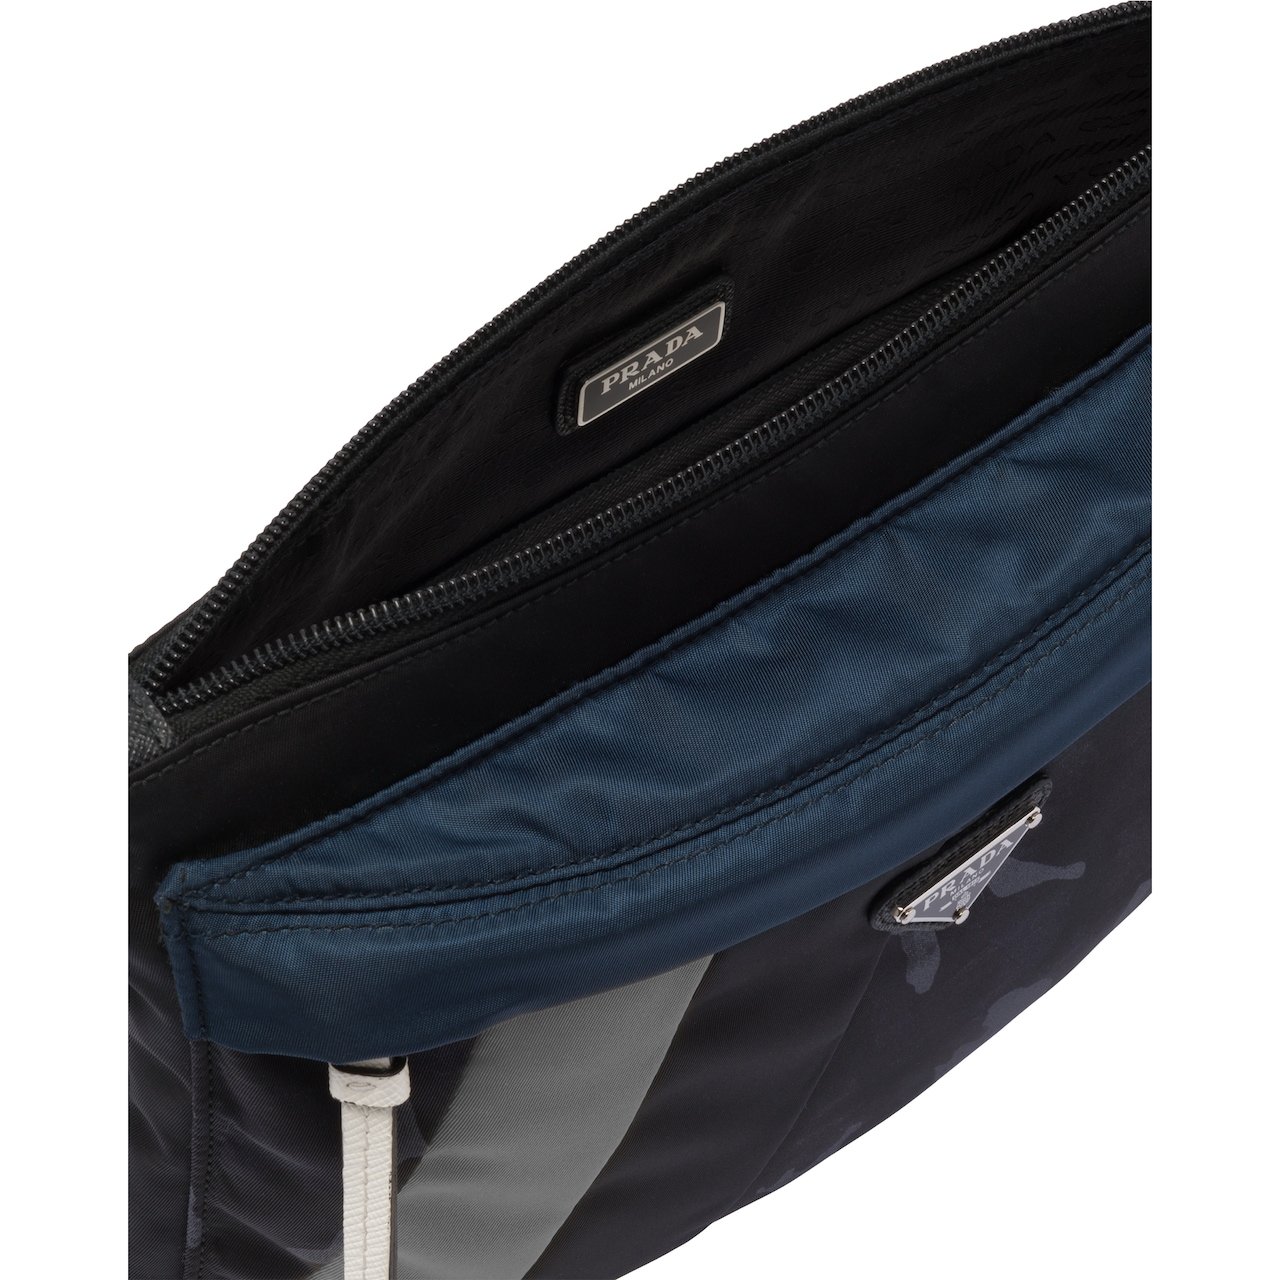 Prada Nylon and Saffiano leather pouch 2